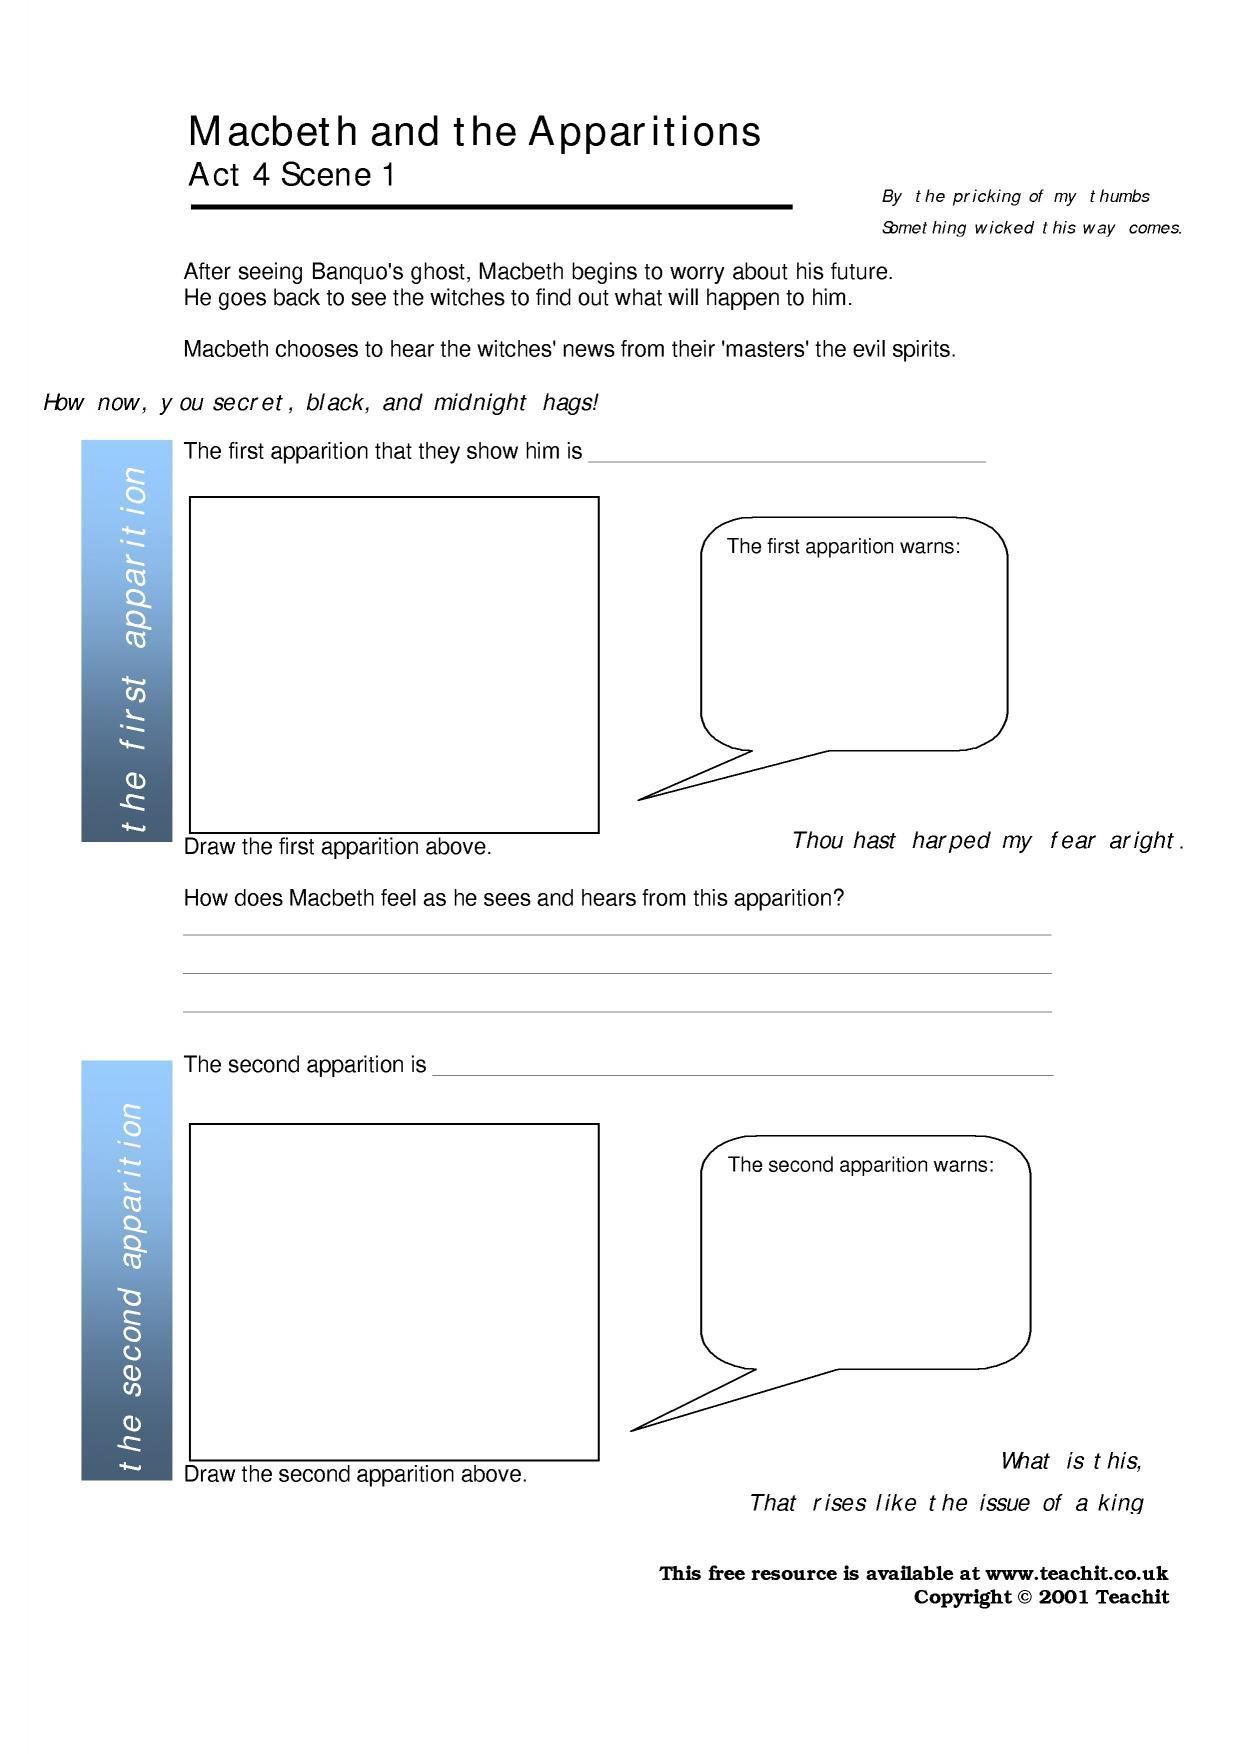 Free Worksheet Macbeth Worksheets macbeth act 4 ks4 resources all 2 preview